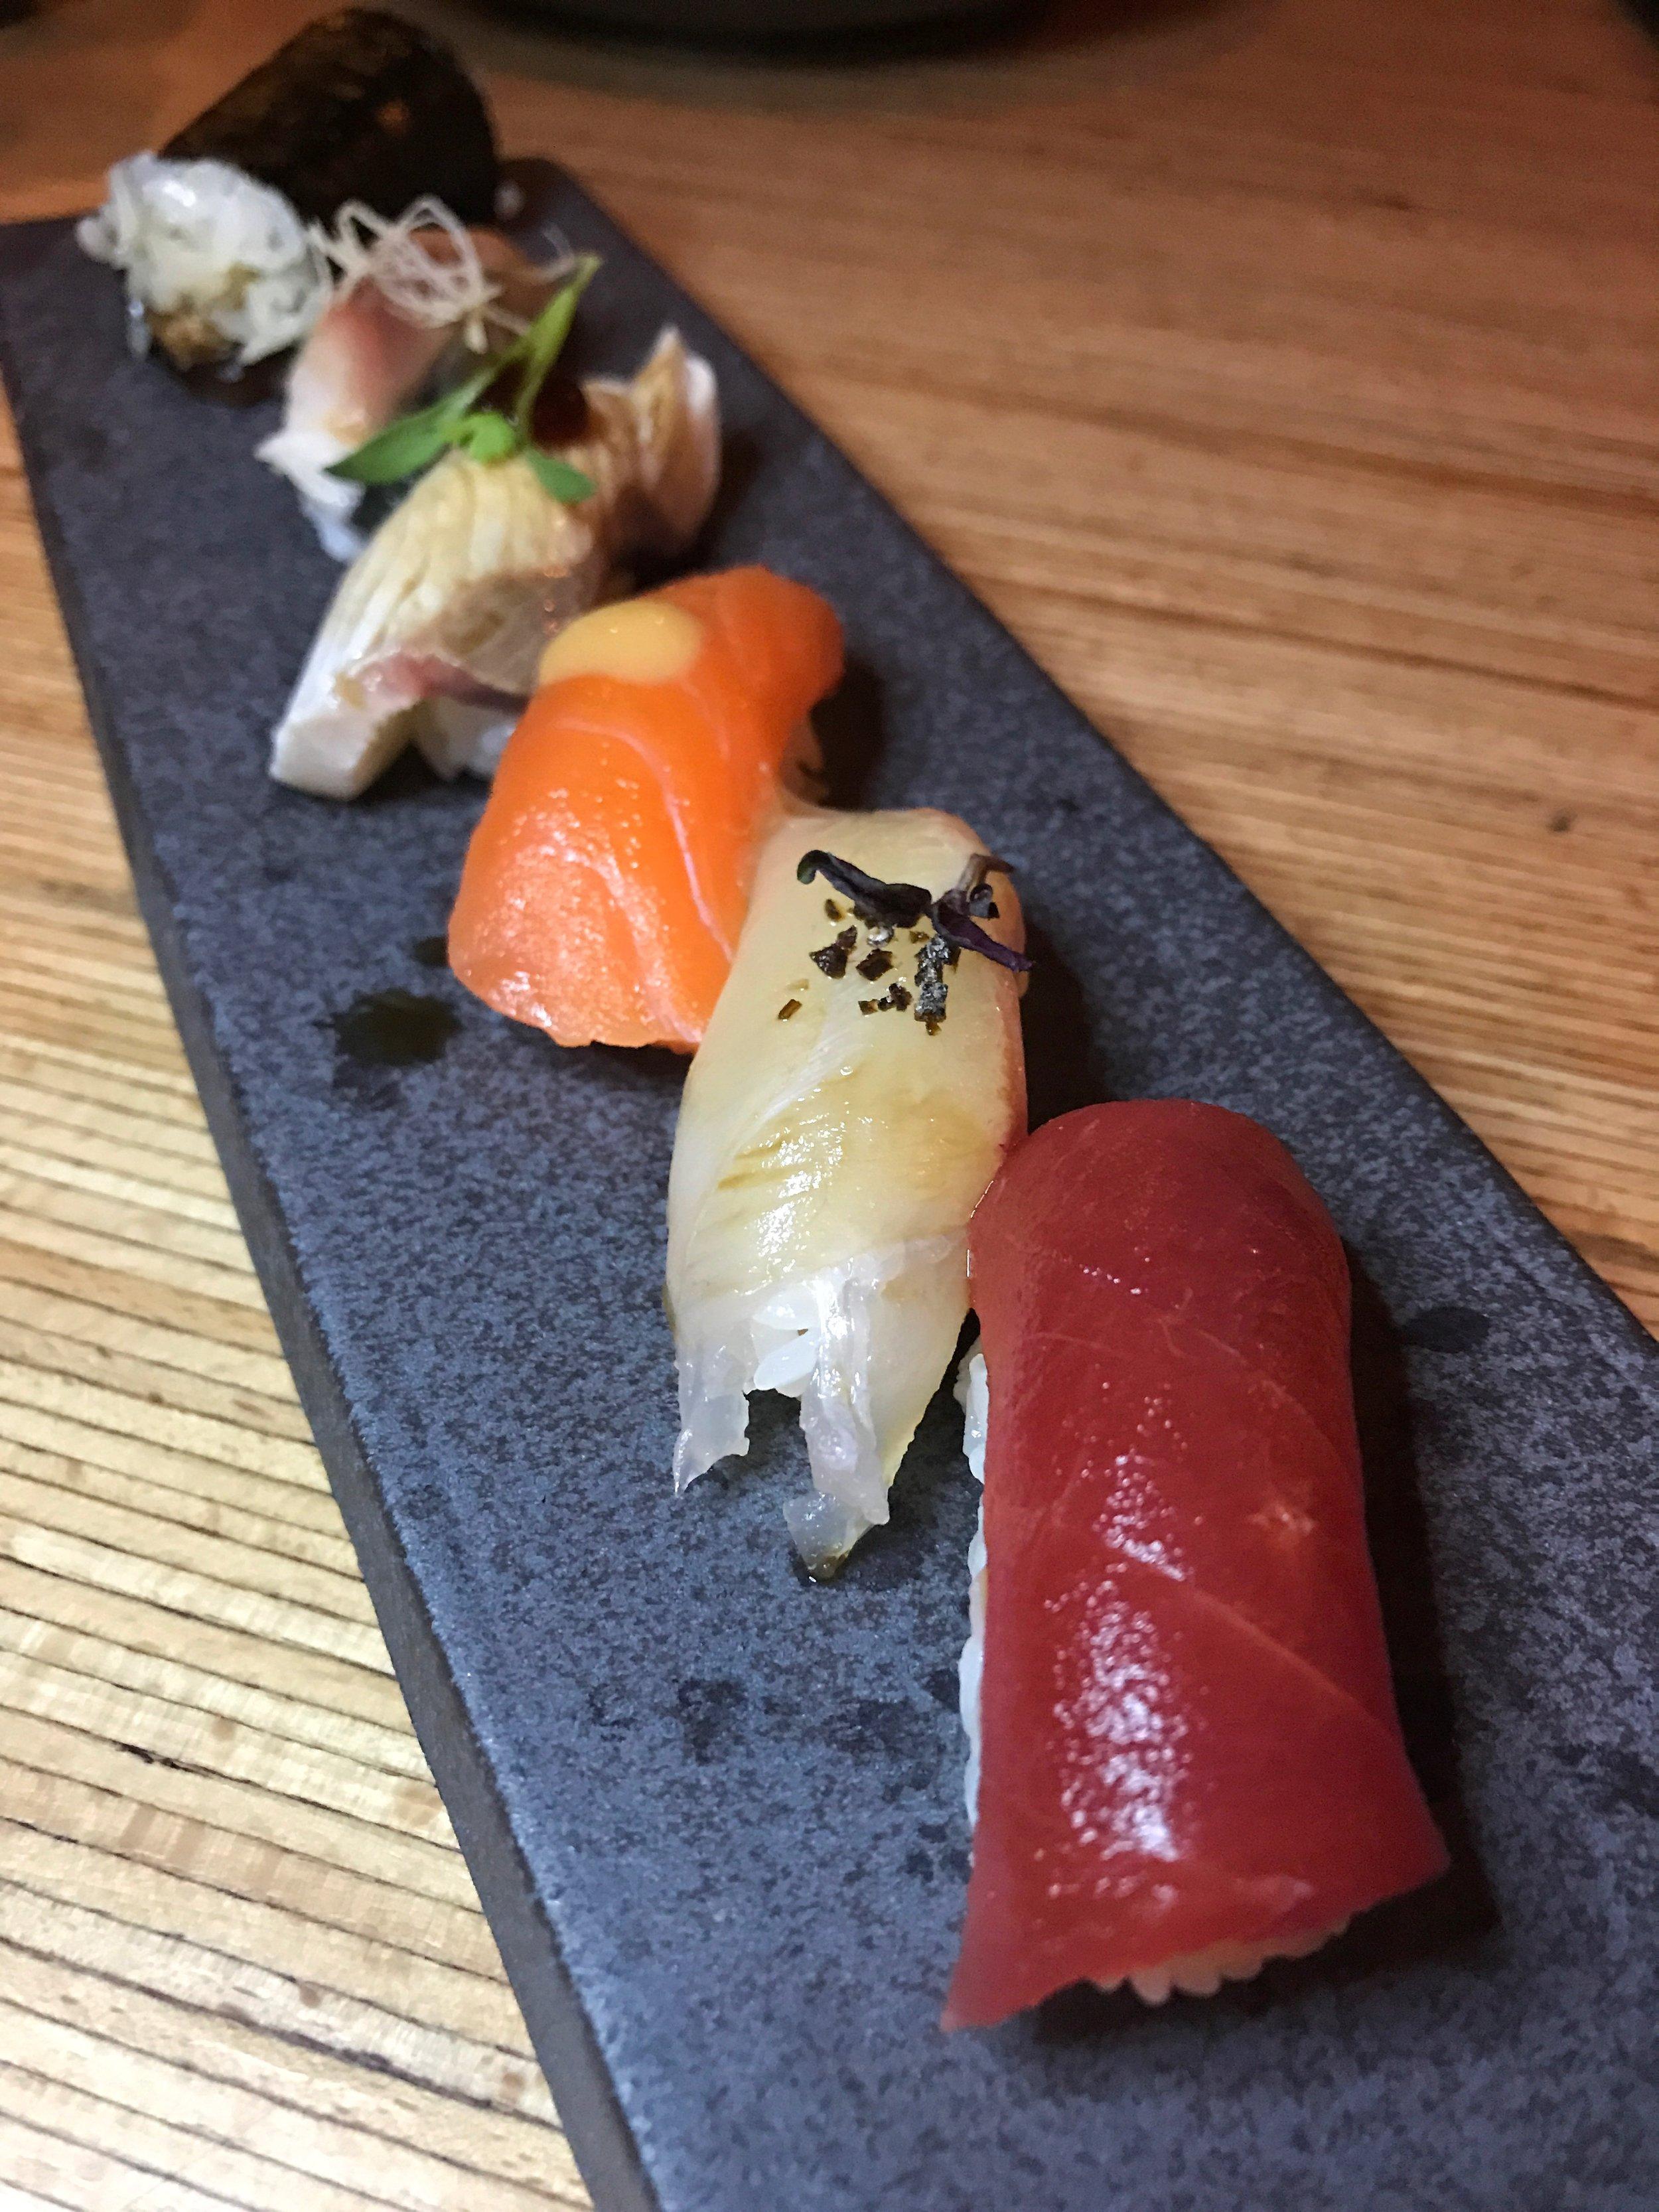 Dashi Miami River Sushi & Sashimi